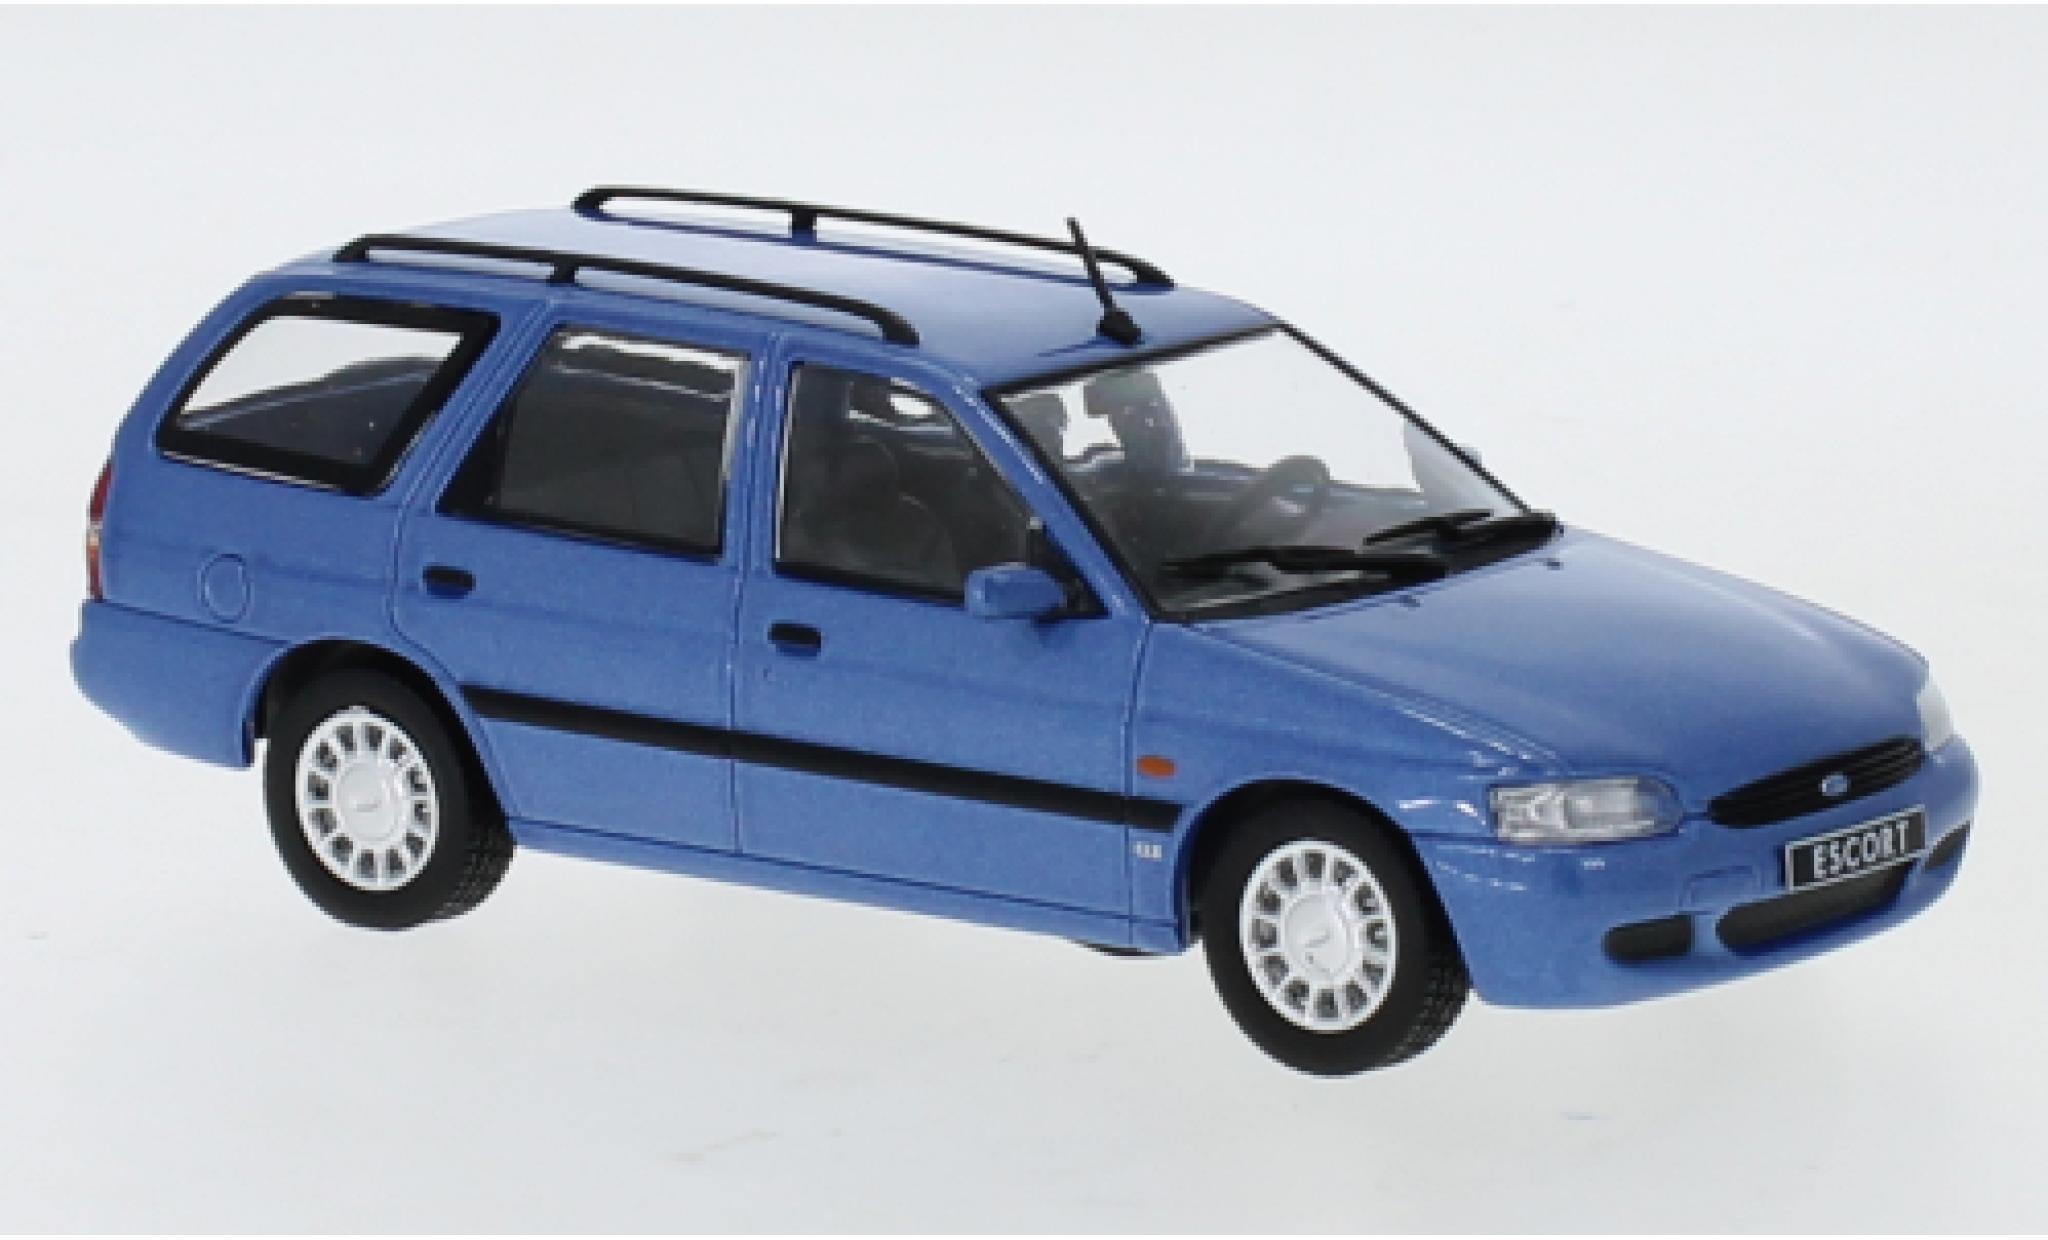 Ford Escort 1/43 IXO Mk VII Turnier metallise bleue 1996